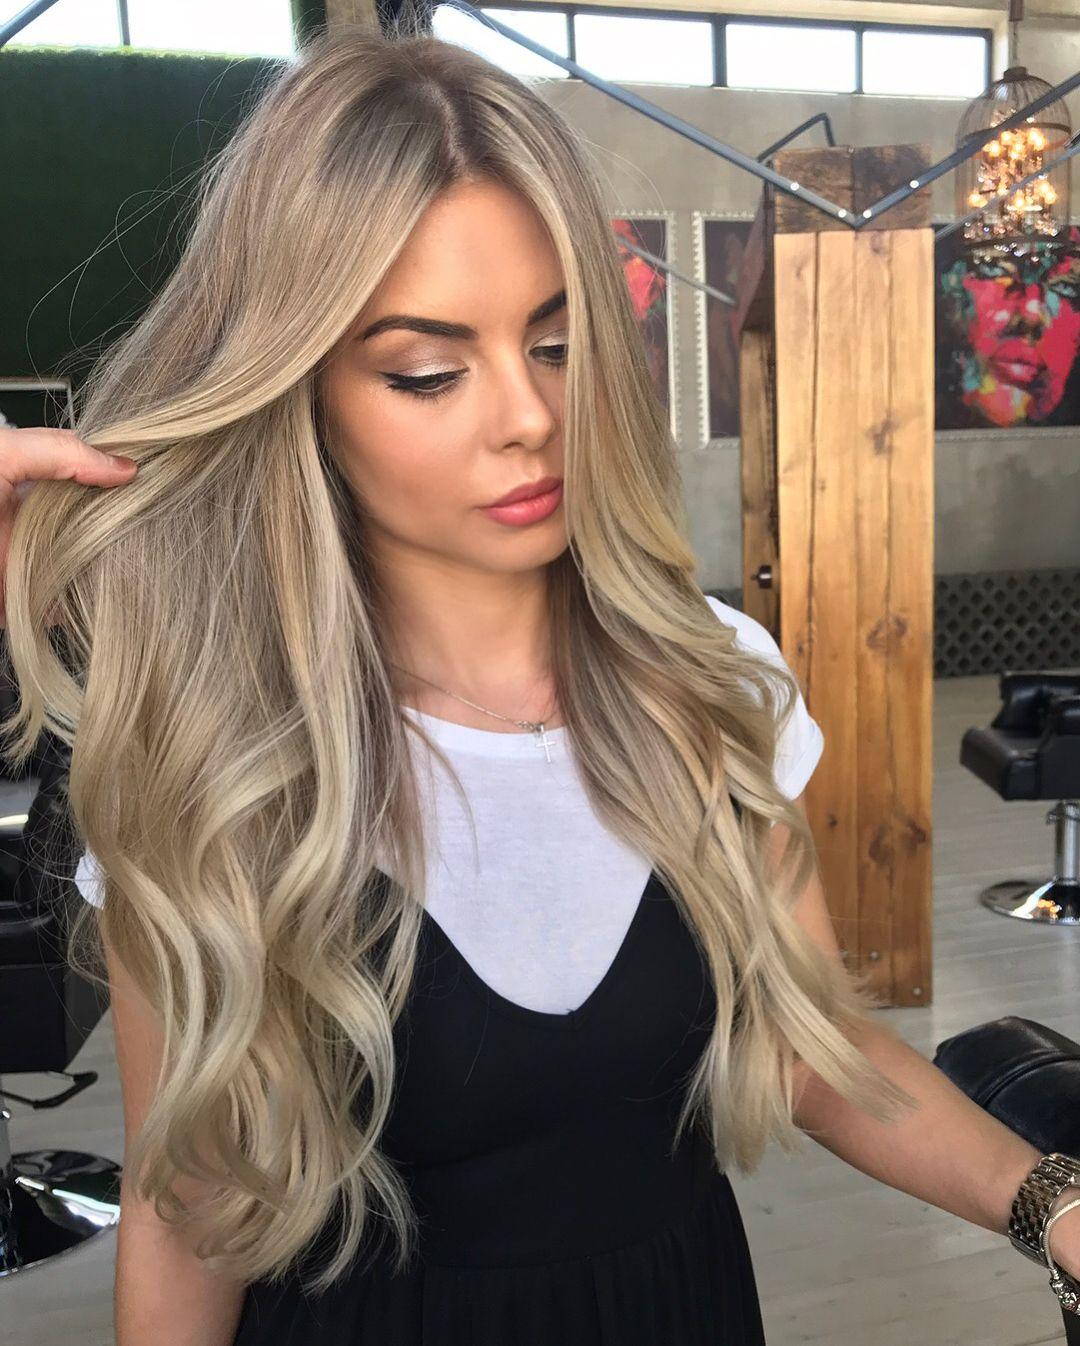 Как подобрать идеальный цвет волос для окрашивания: полезные рекомендации для девушек